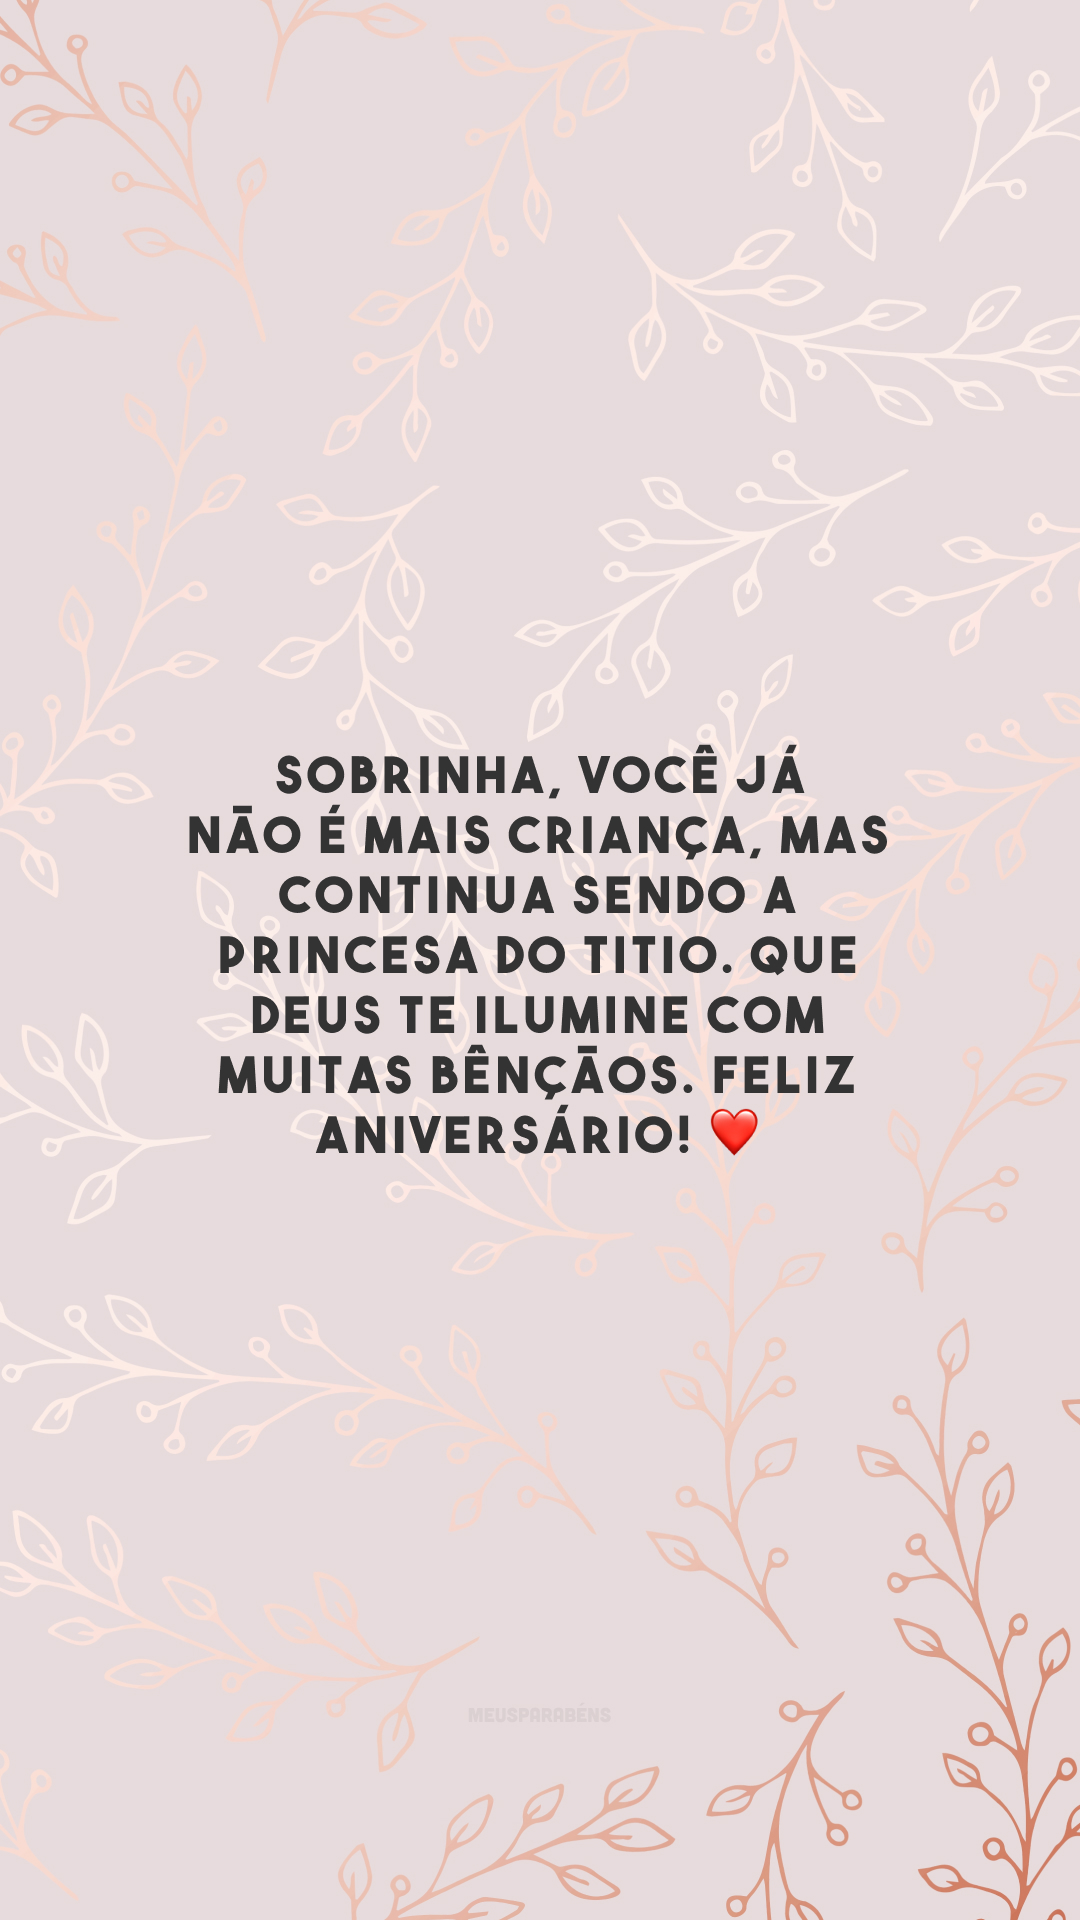 Sobrinha, você já não é mais criança, mas continua sendo a princesa do titio. Que Deus te ilumine com muitas bênçãos. Feliz aniversário! ❤️